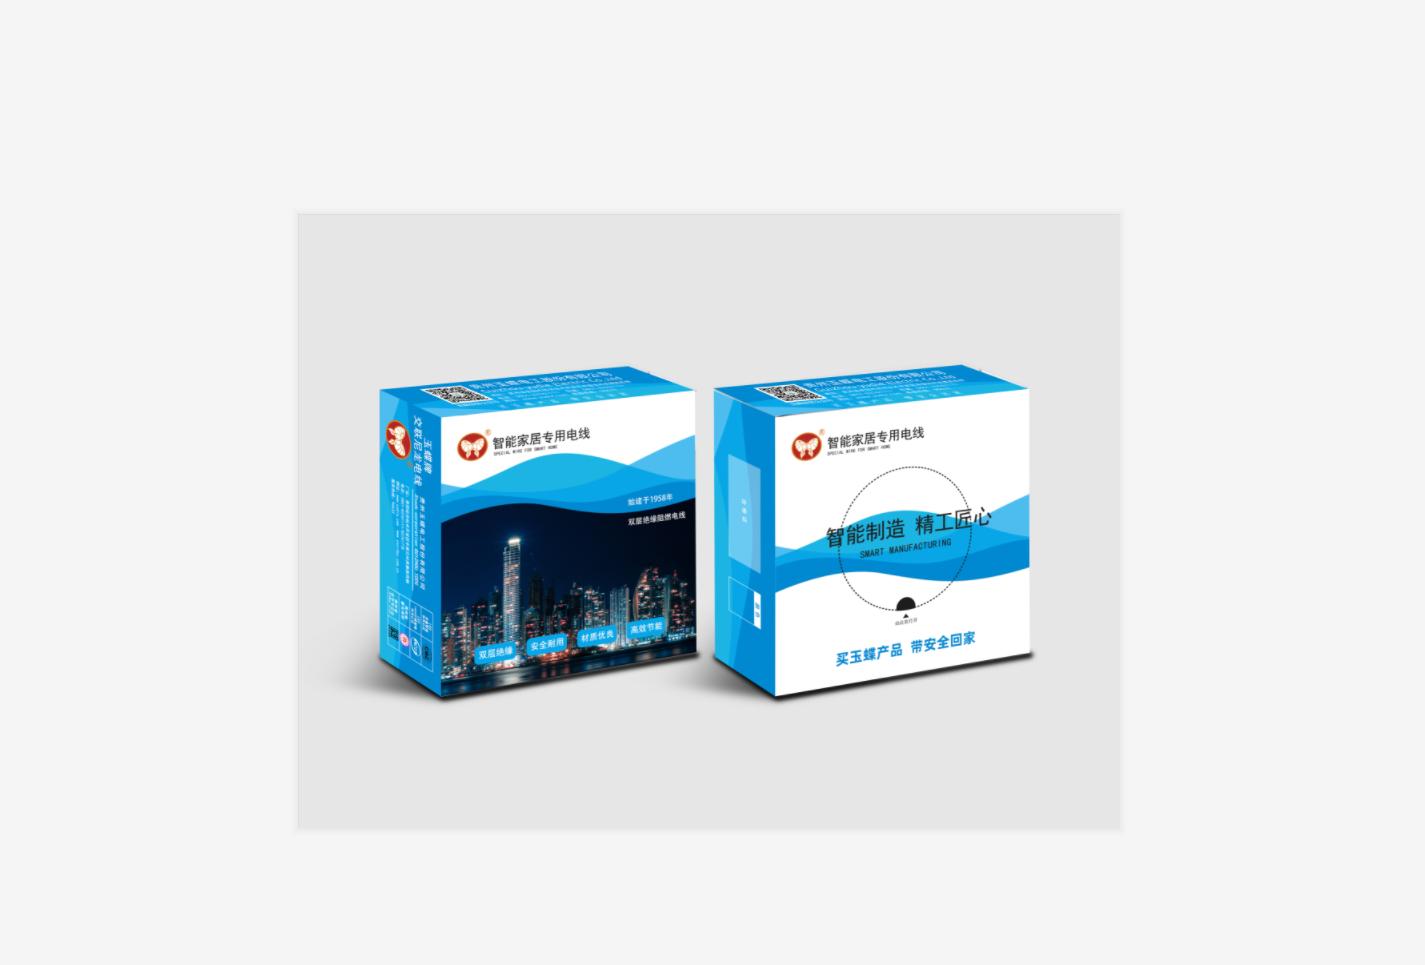 玉蝶电工+电线包装盒设计